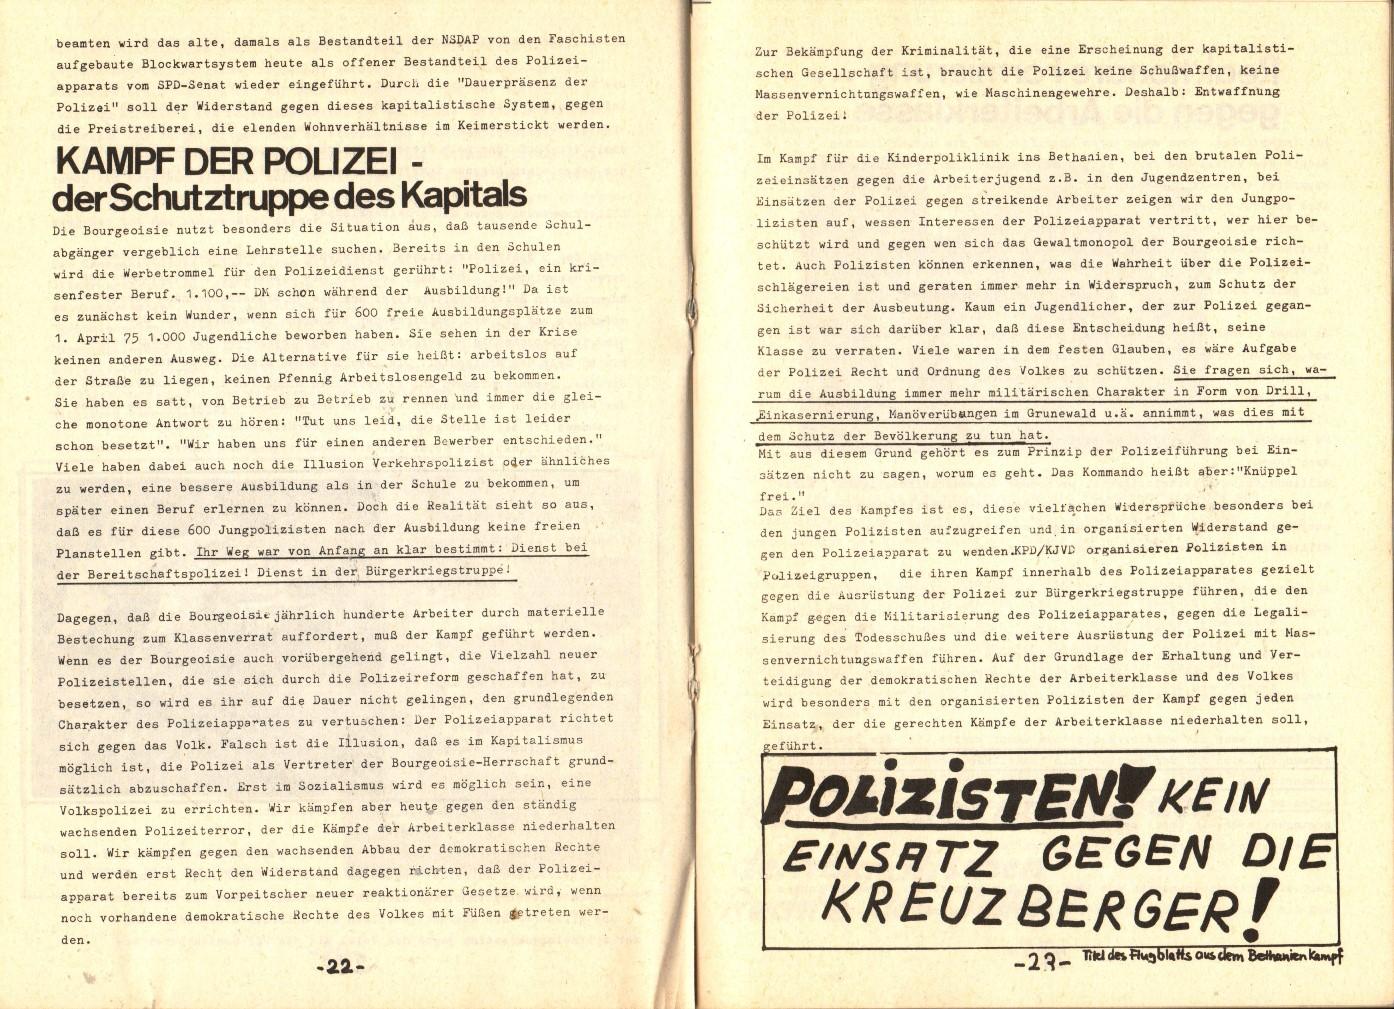 Berlin_KPD_1976_Staatsschutzprozess_13